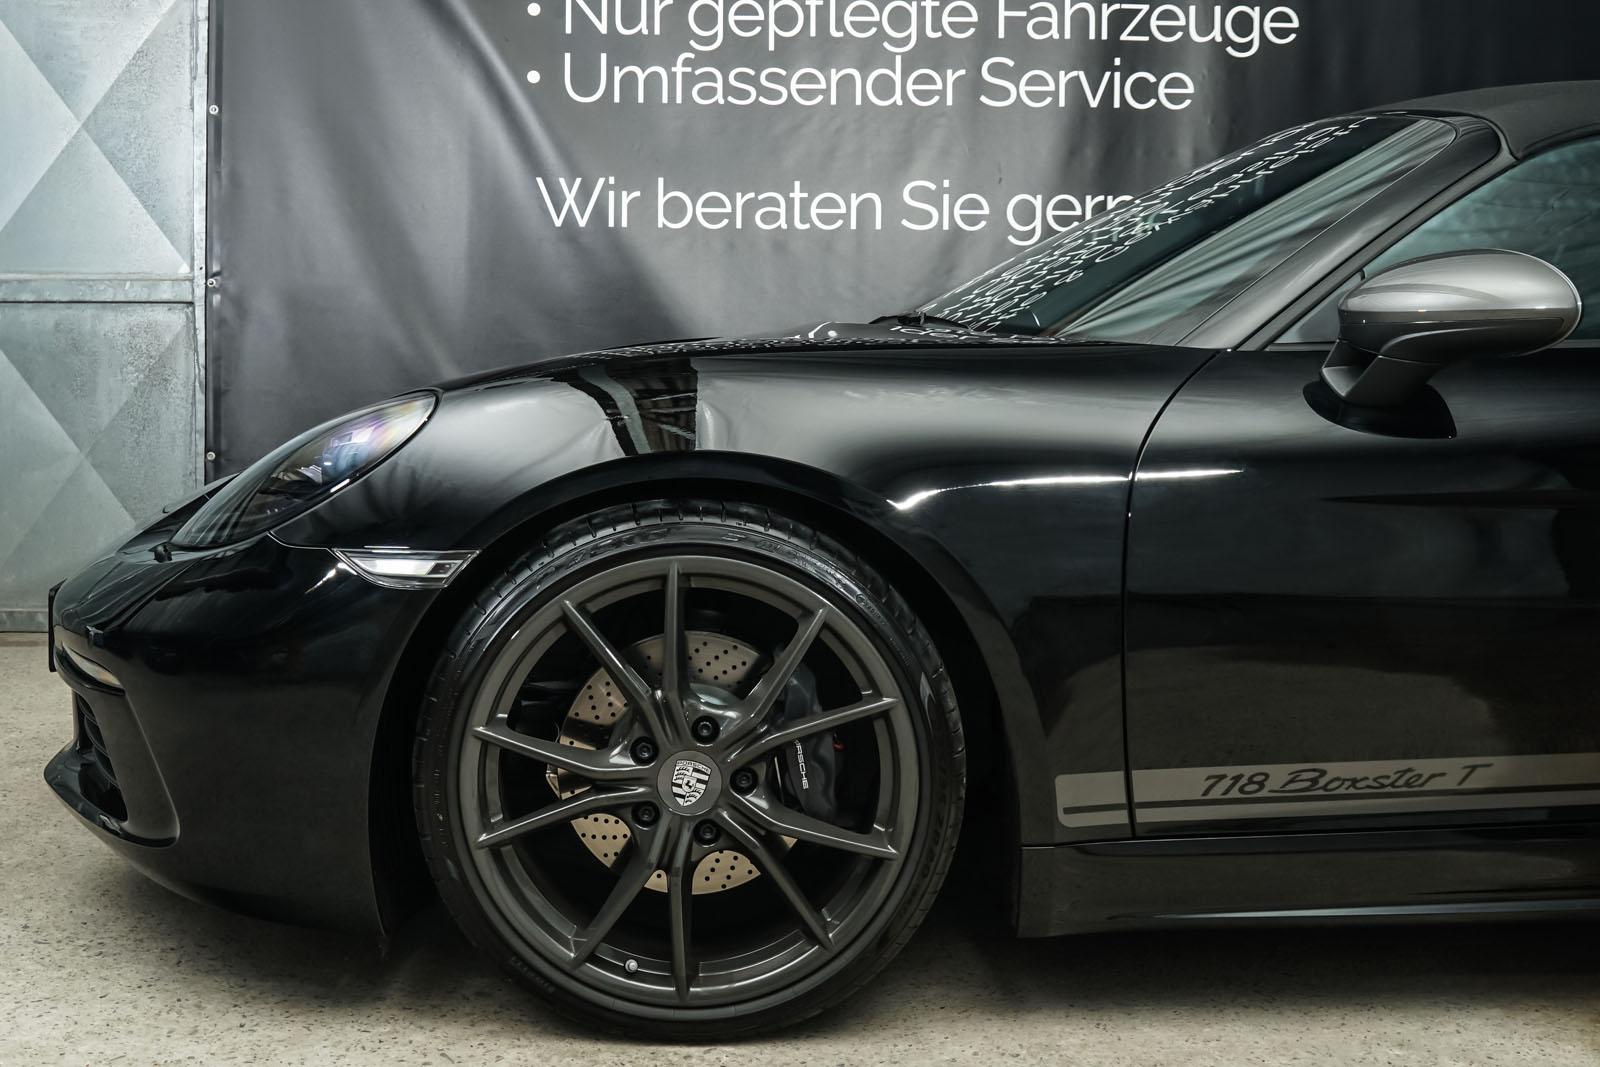 Porsche_718_BoxsterT_Schwarz_Schwarz_POR-1718_3_w